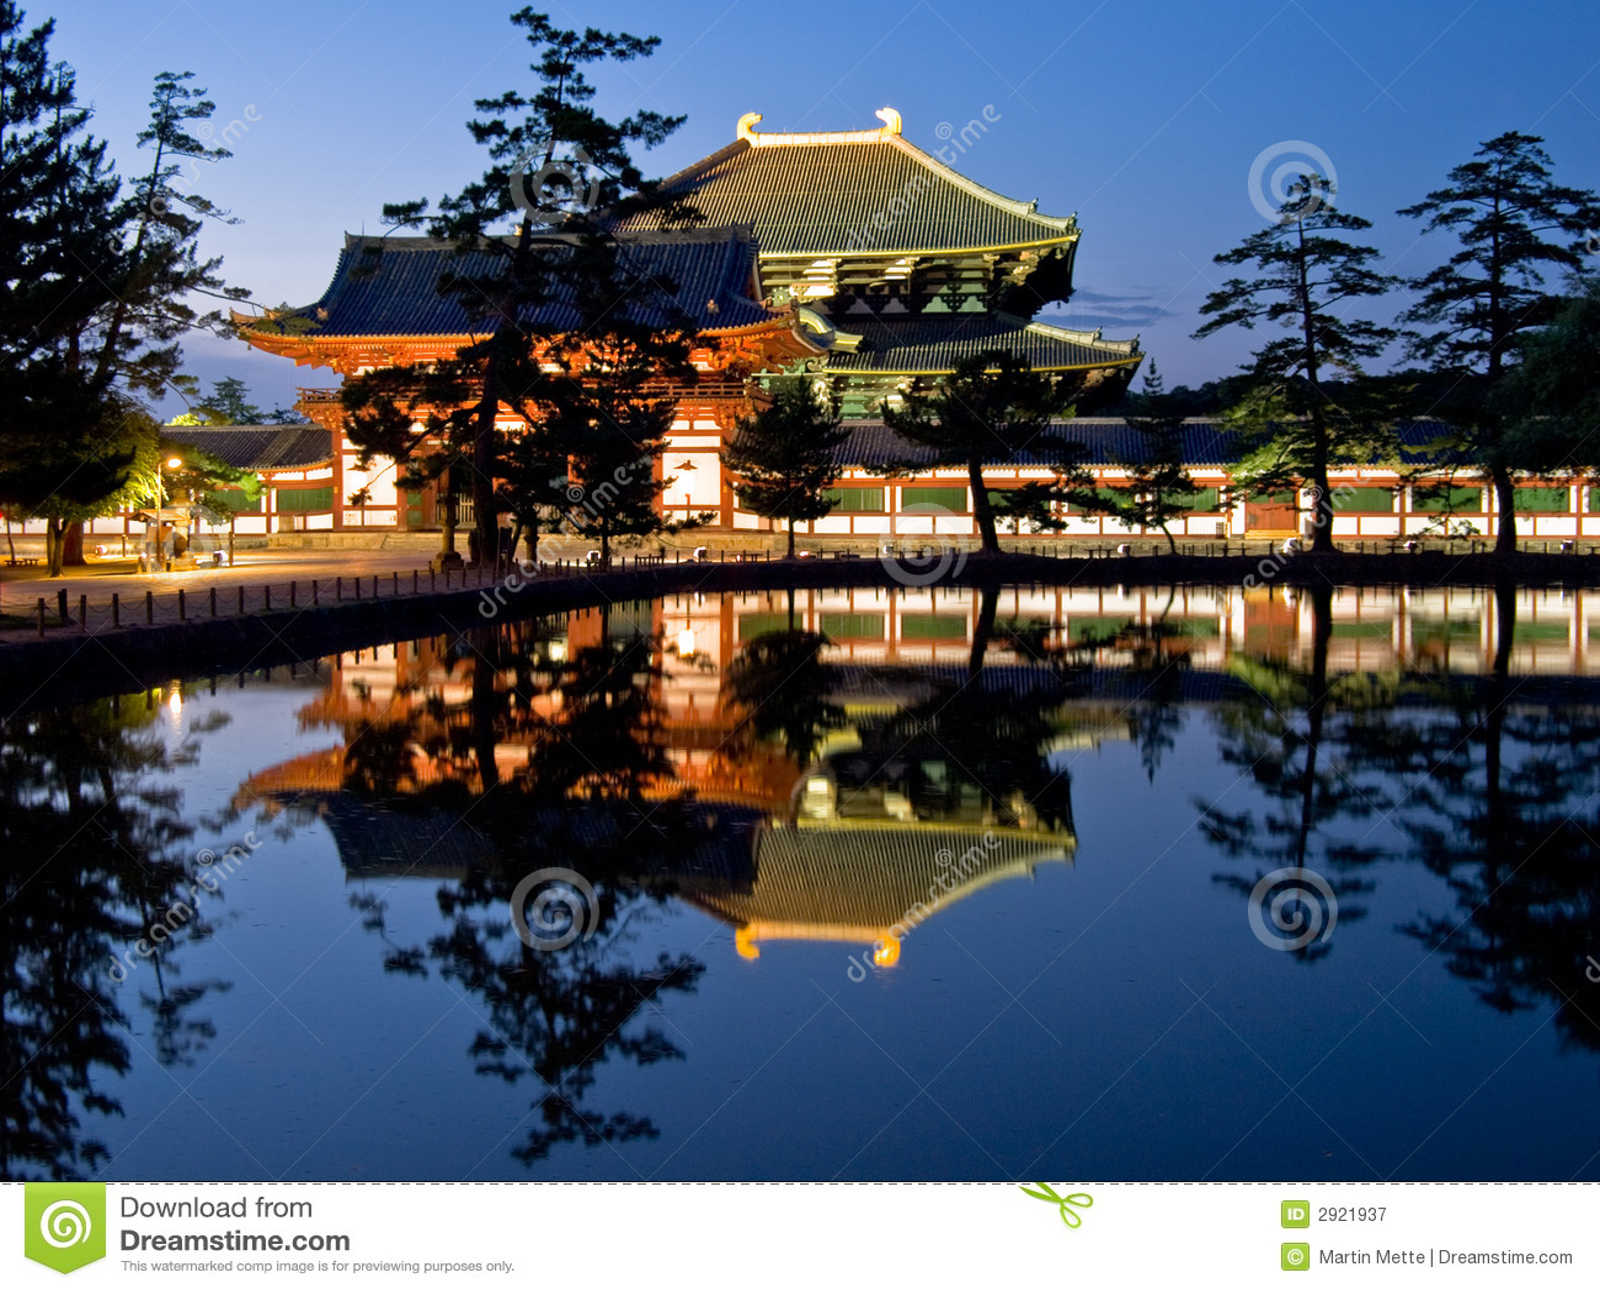 Nara Todaiji temple